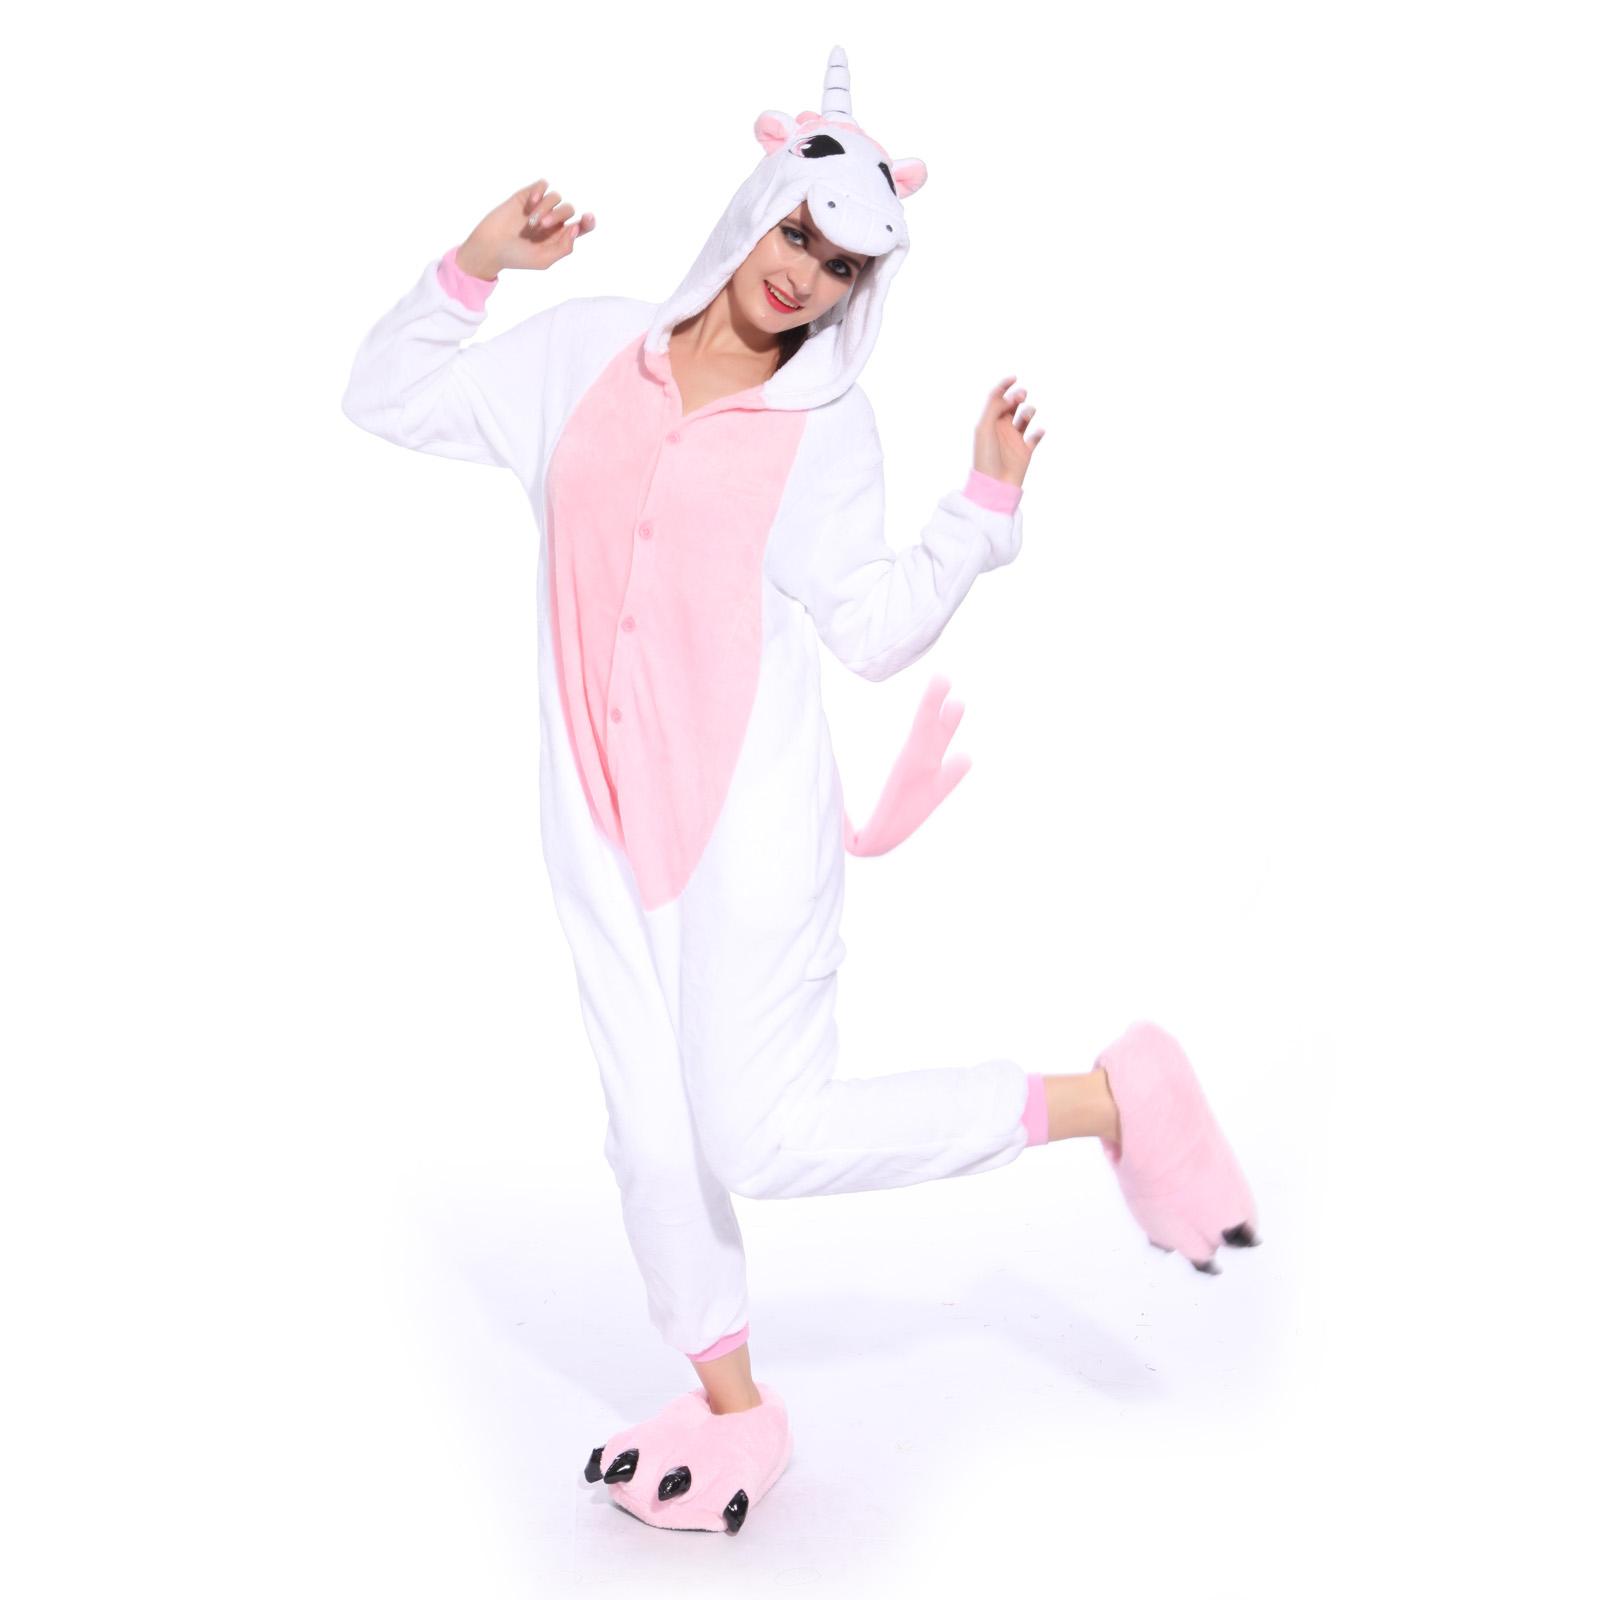 hot unisex unicorn kigurumi pajamas animal cosplay costume. Black Bedroom Furniture Sets. Home Design Ideas